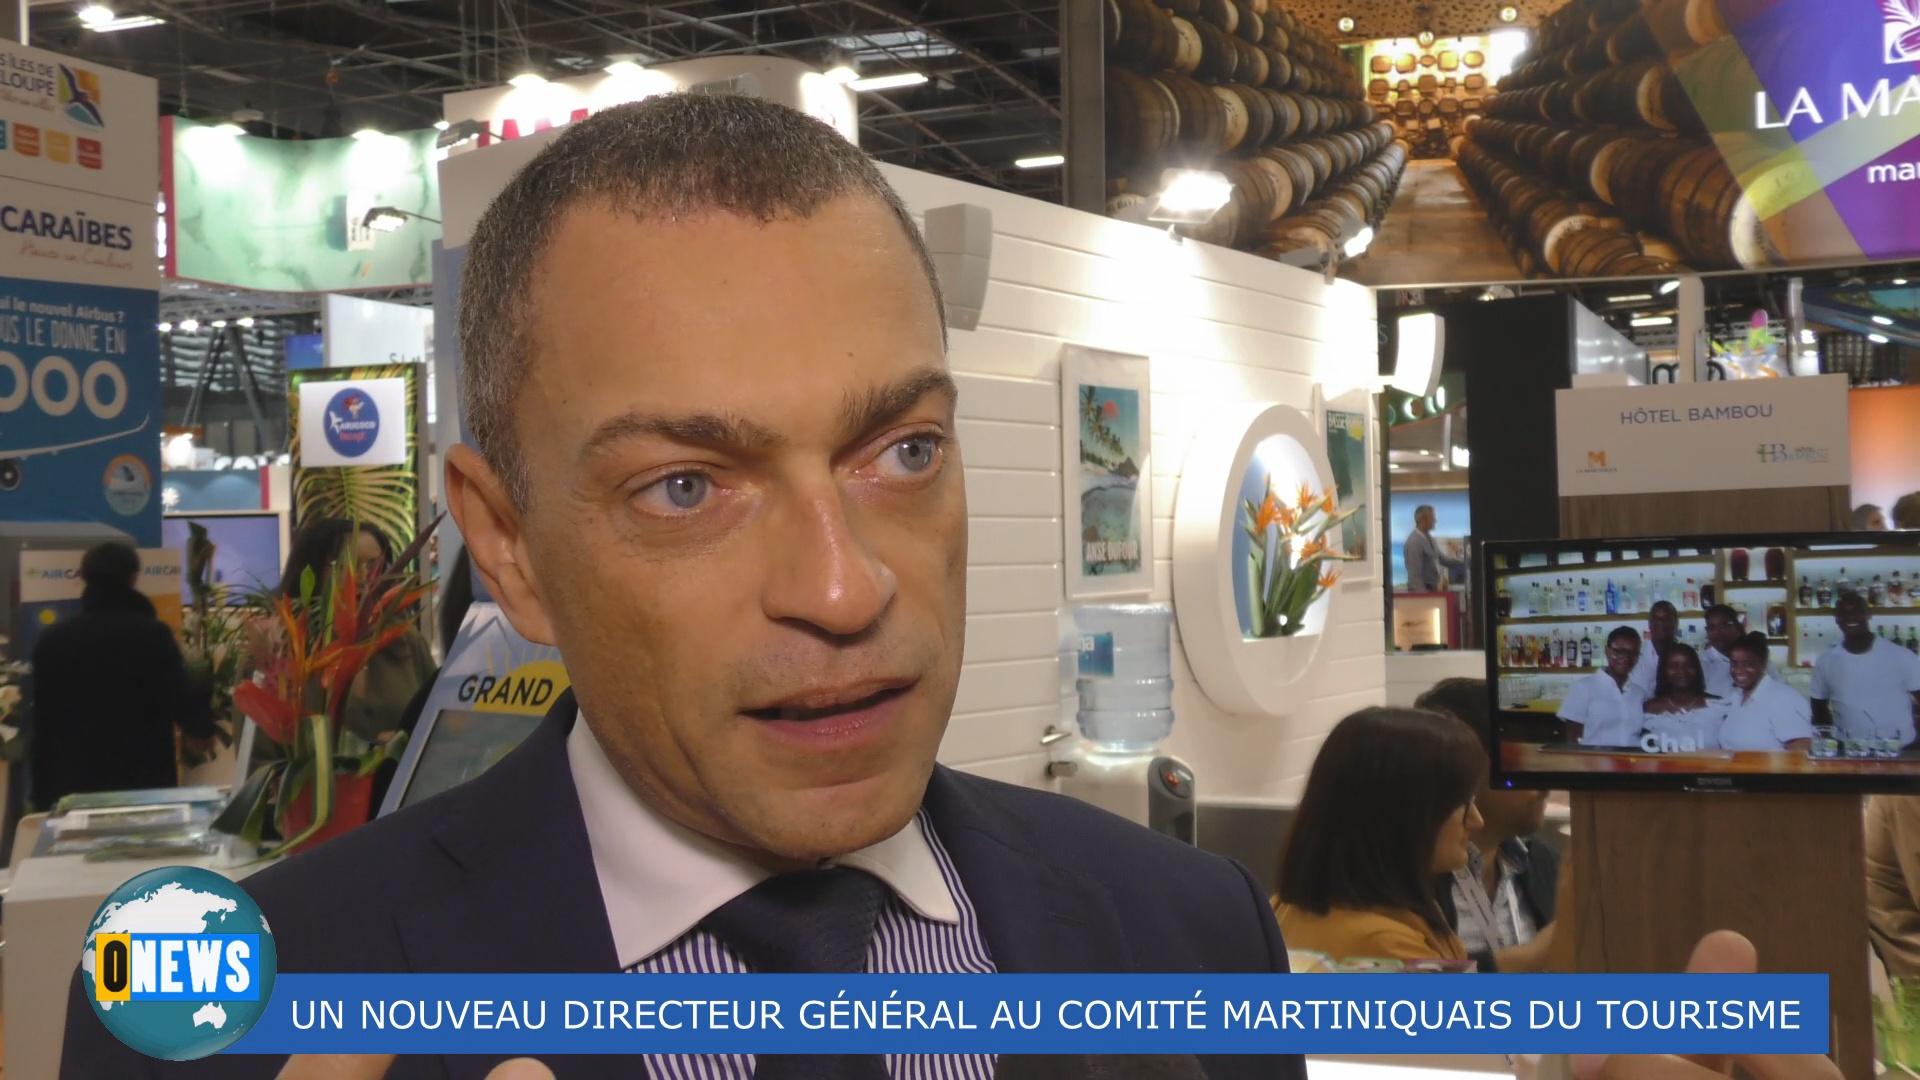 [Vidéo] HEXAGONE. Onews depuis le Top résa. Interview de François BALTUS-LANGUEDOC  nouveau Directeur général du CMT